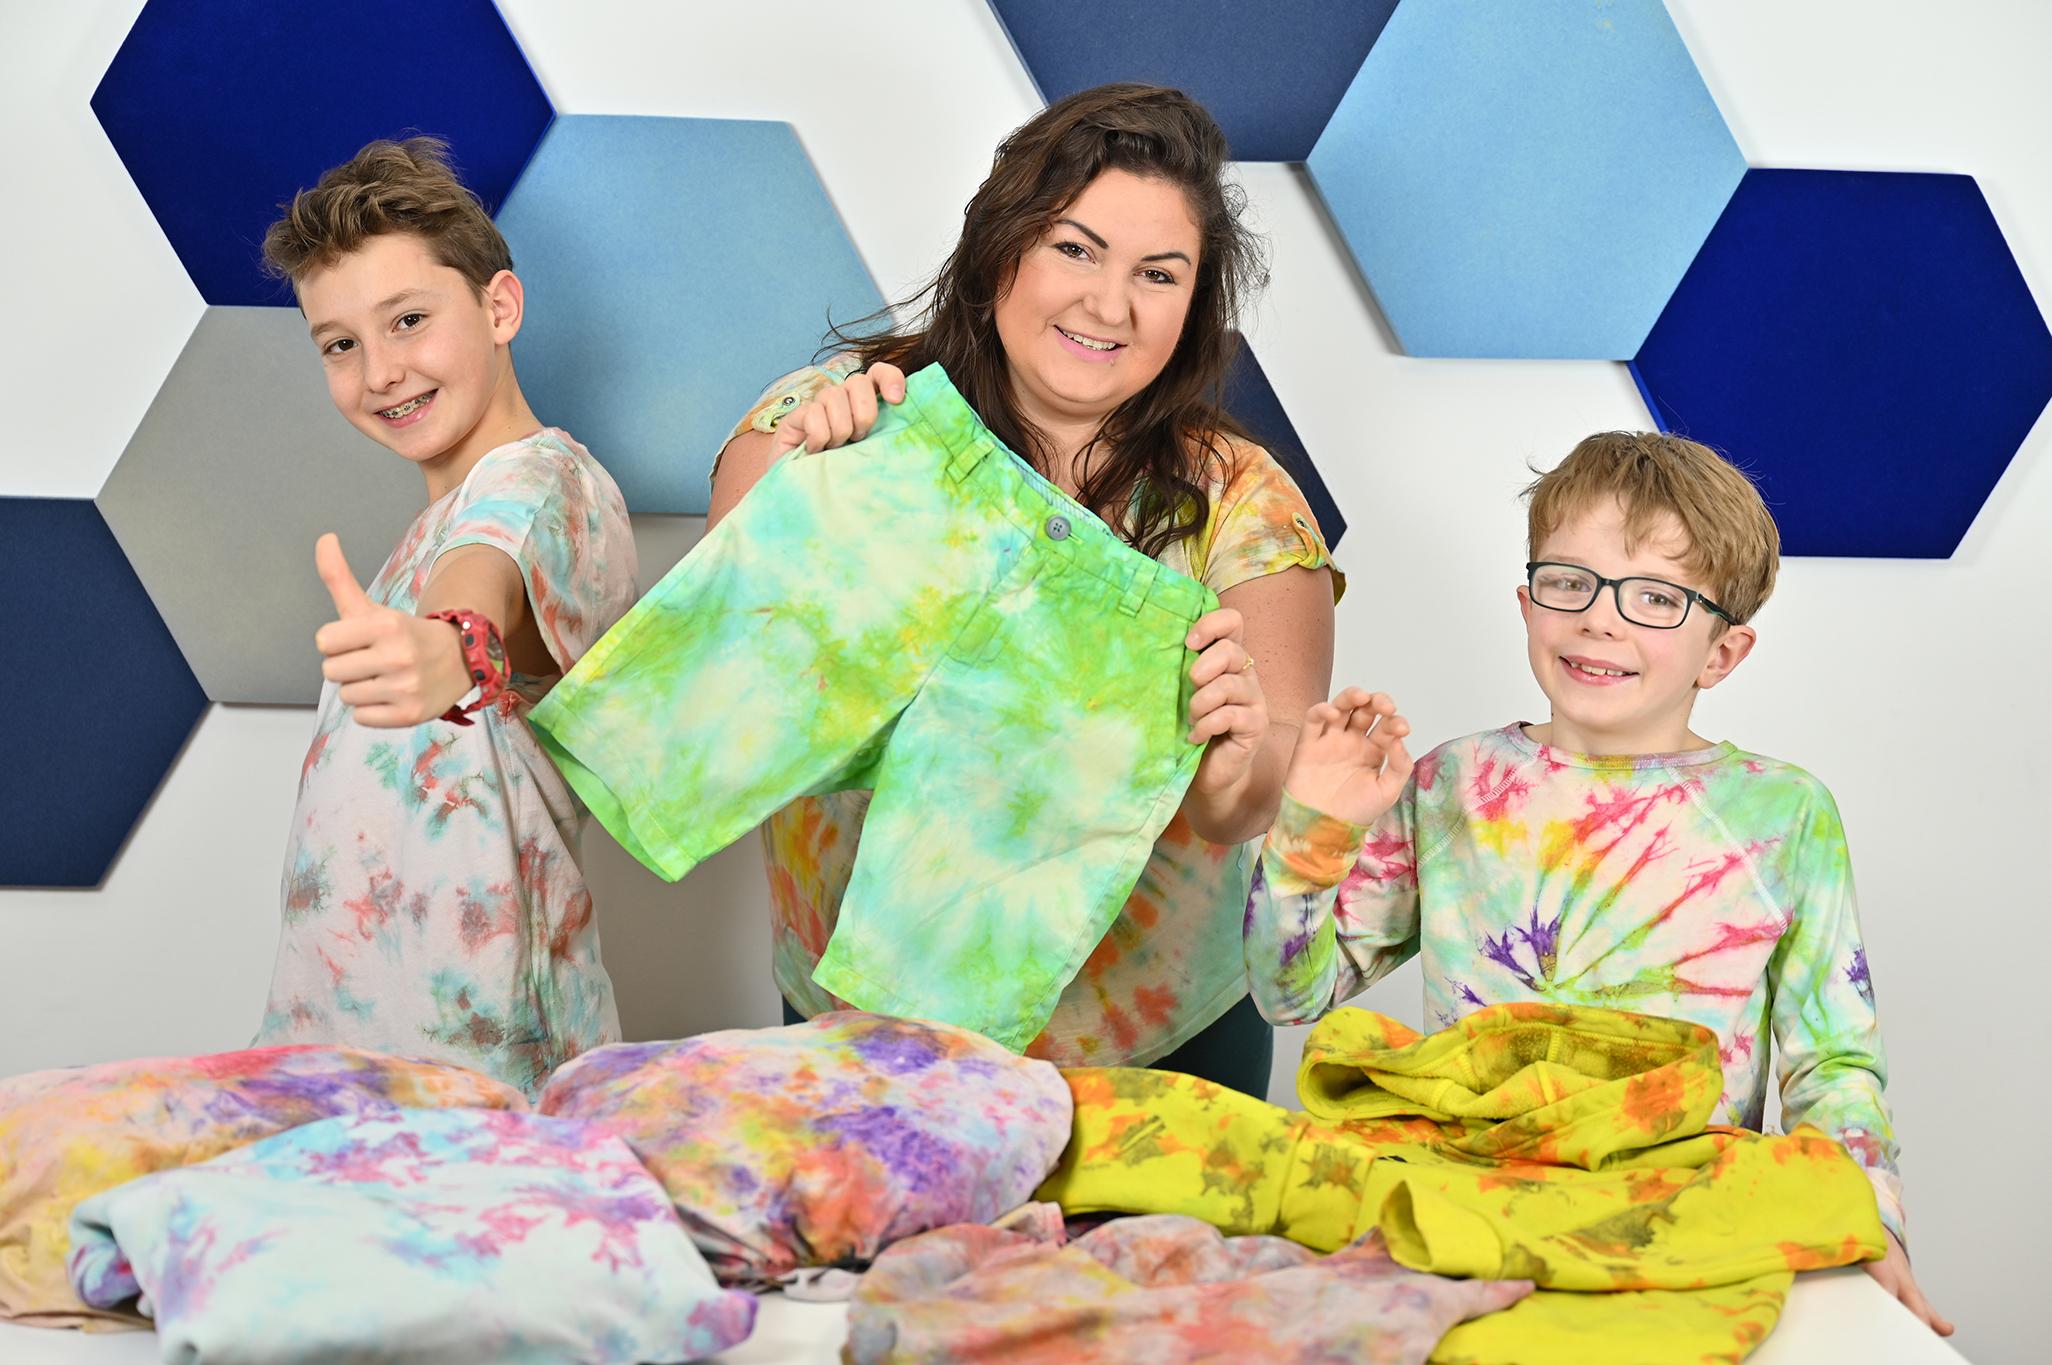 farbowanie ubrań, barwienie tkanin i ubrań, barwienie metodą tie dye, jak zrobić tie dye, jak zafarbować ubranie, barwinie bluzy tie dye, farbowanie koszulki i spodni.